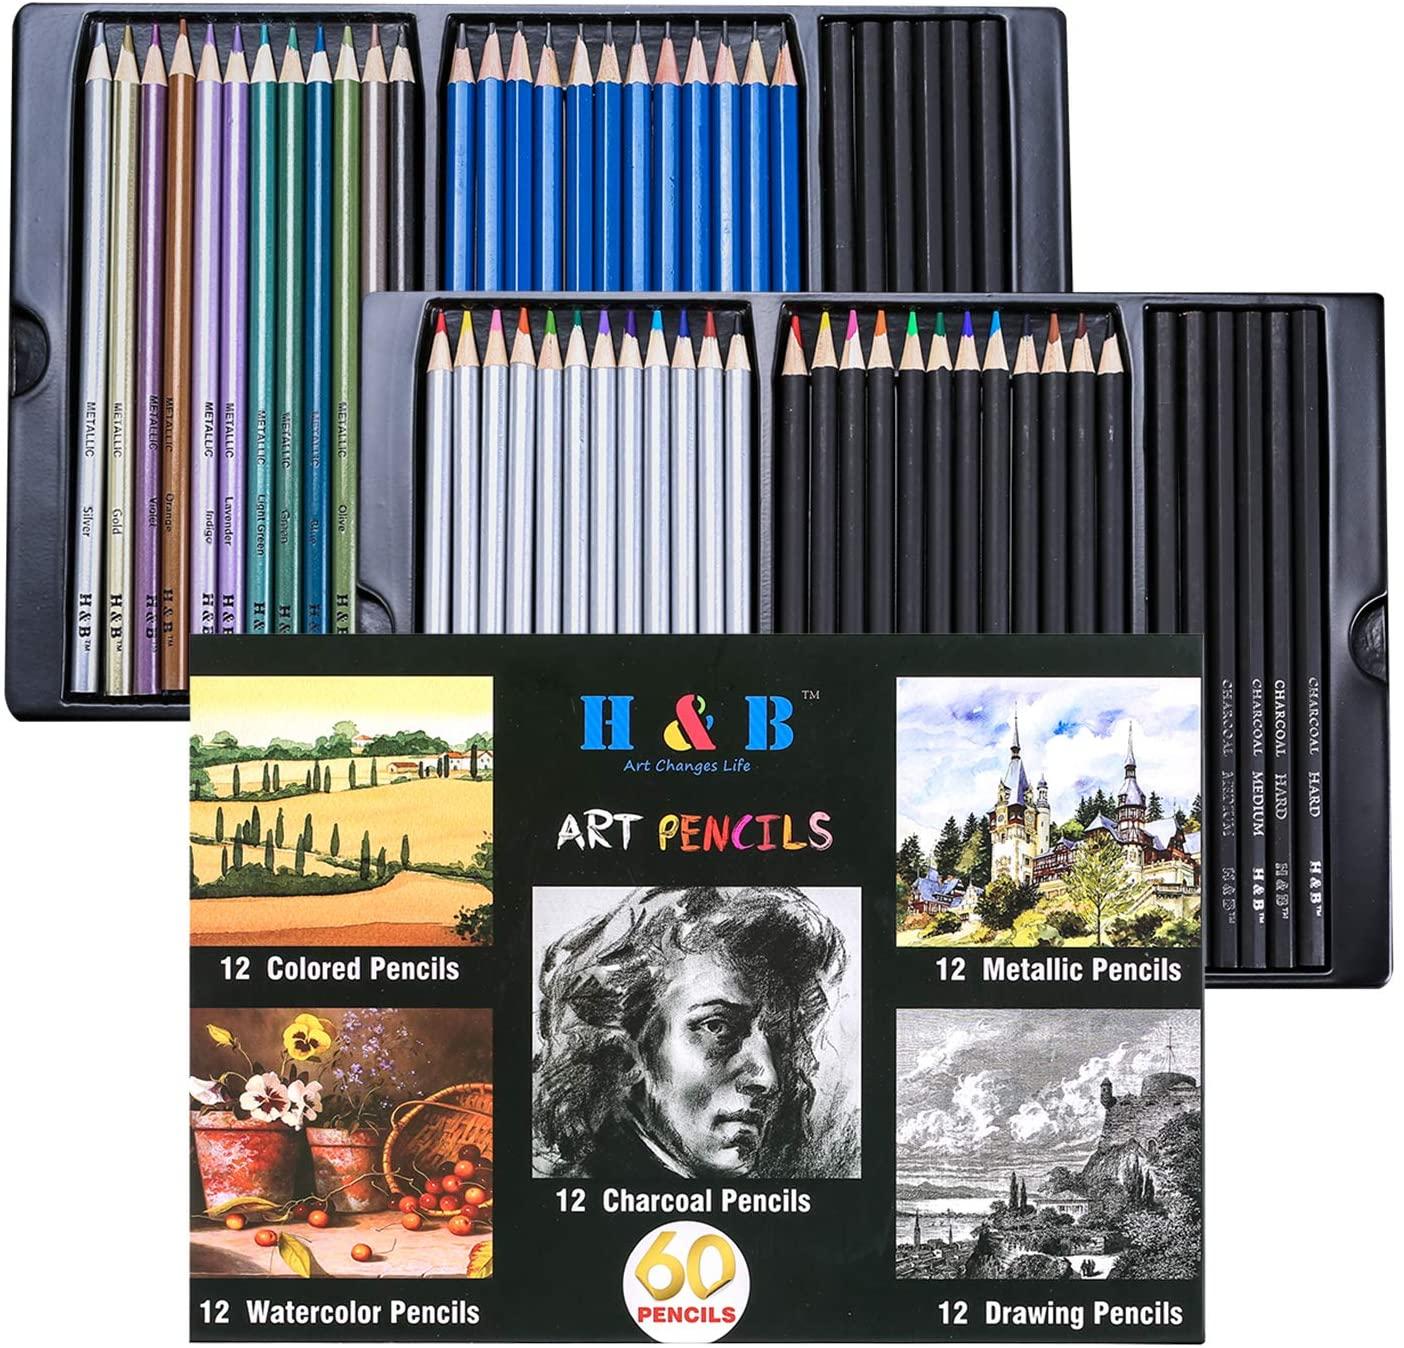 h b lapis coloridos e lapis de desenho conjunto 60 pecas lapis de artista profissional